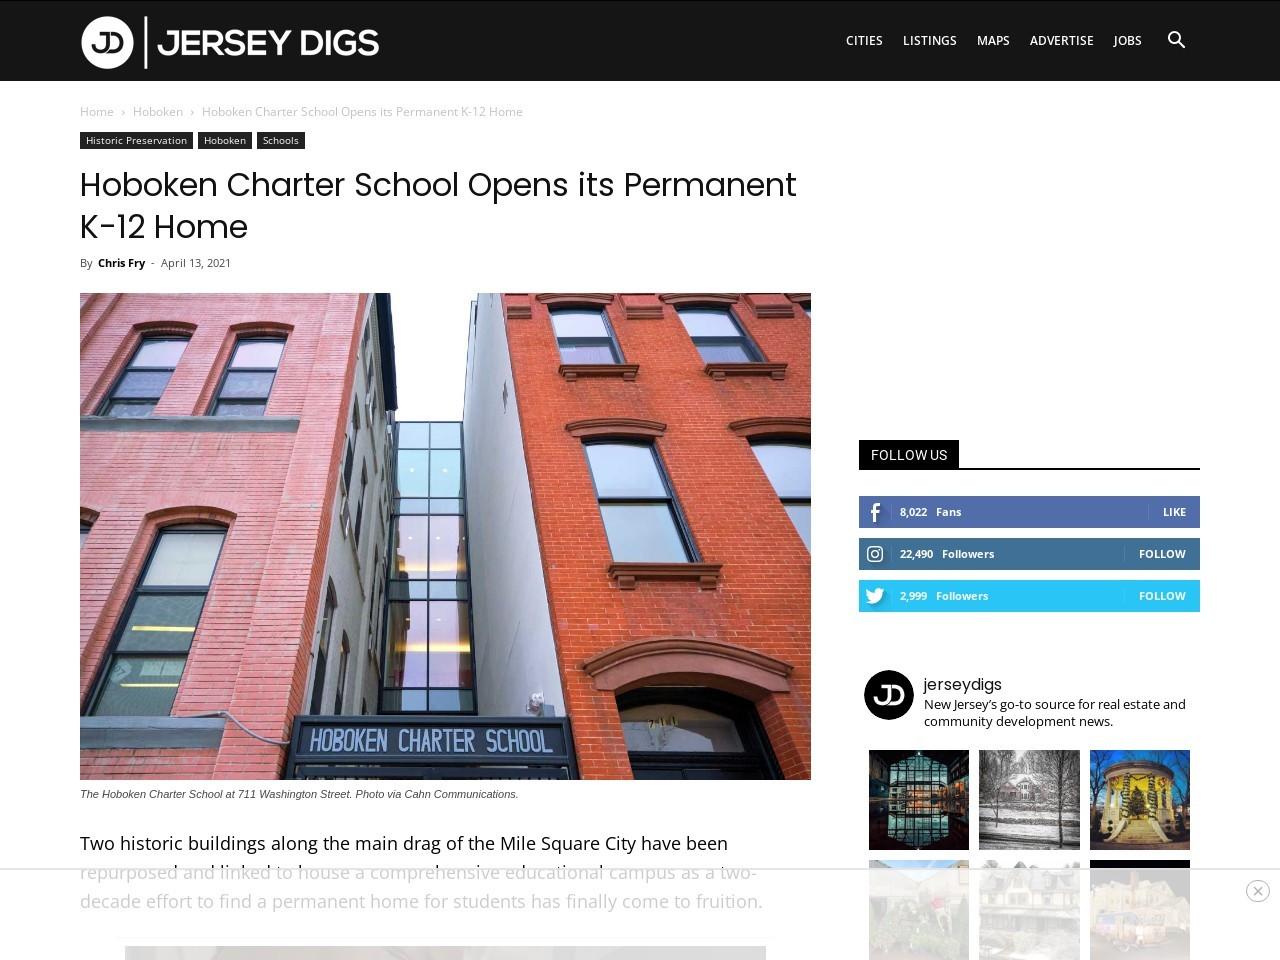 Hoboken Charter School Opens its Permanent K-12 Home